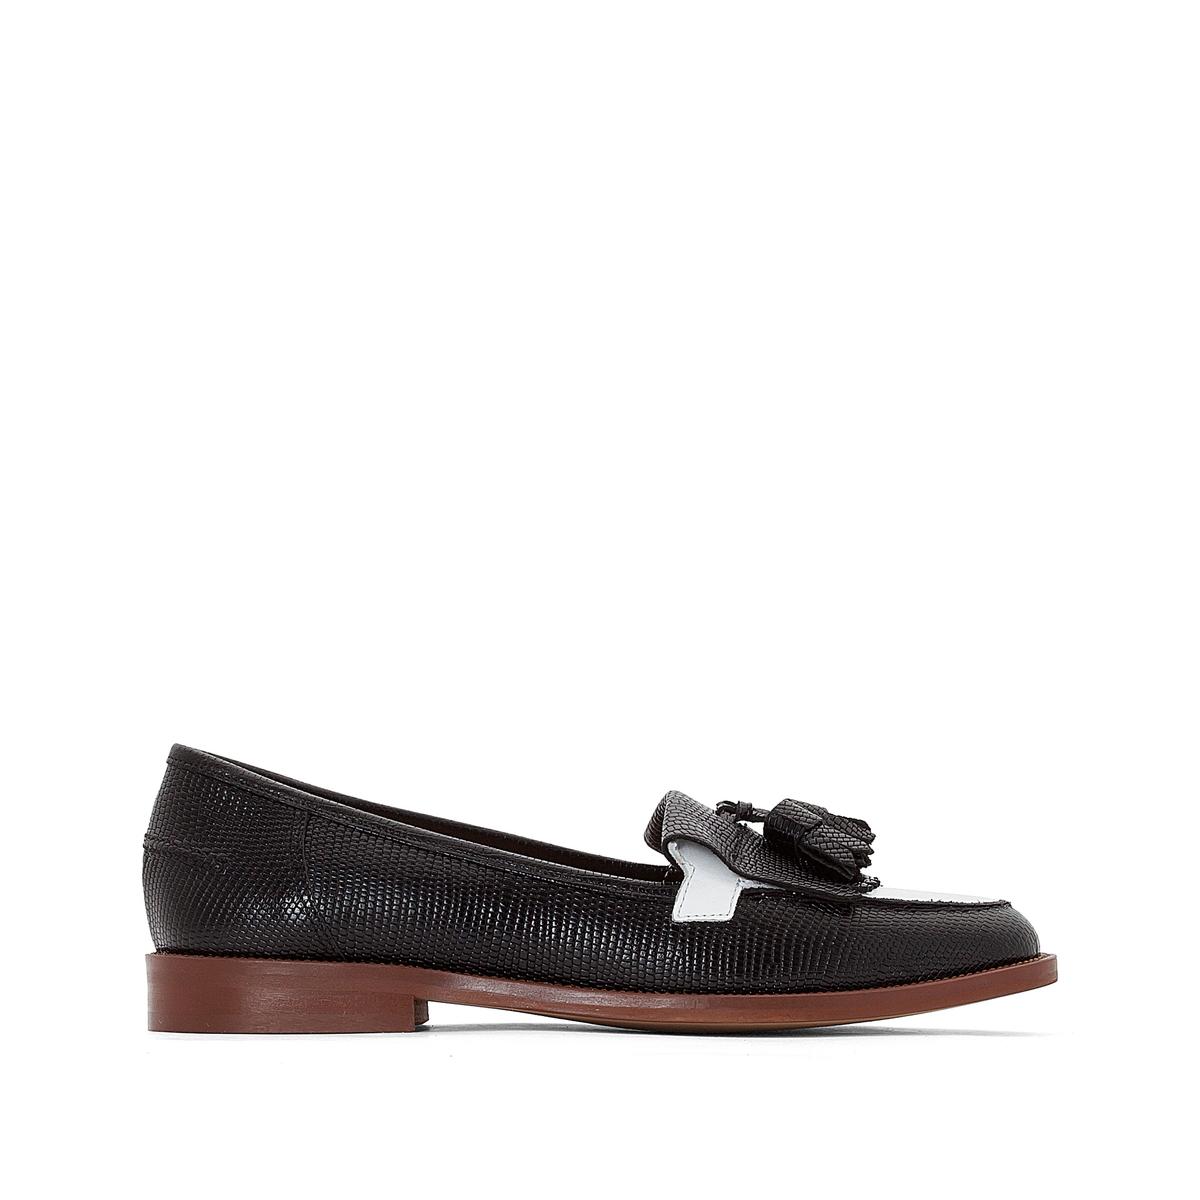 Мокасины кожаные DeanneВерх : Кожа.   Подкладка : Кожа.   Стелька : Кожа.   Подошва : эластомер   Форма каблука : плоский каблук   Мысок : закругленный   Застежка : без застежки<br><br>Цвет: черный/ белый